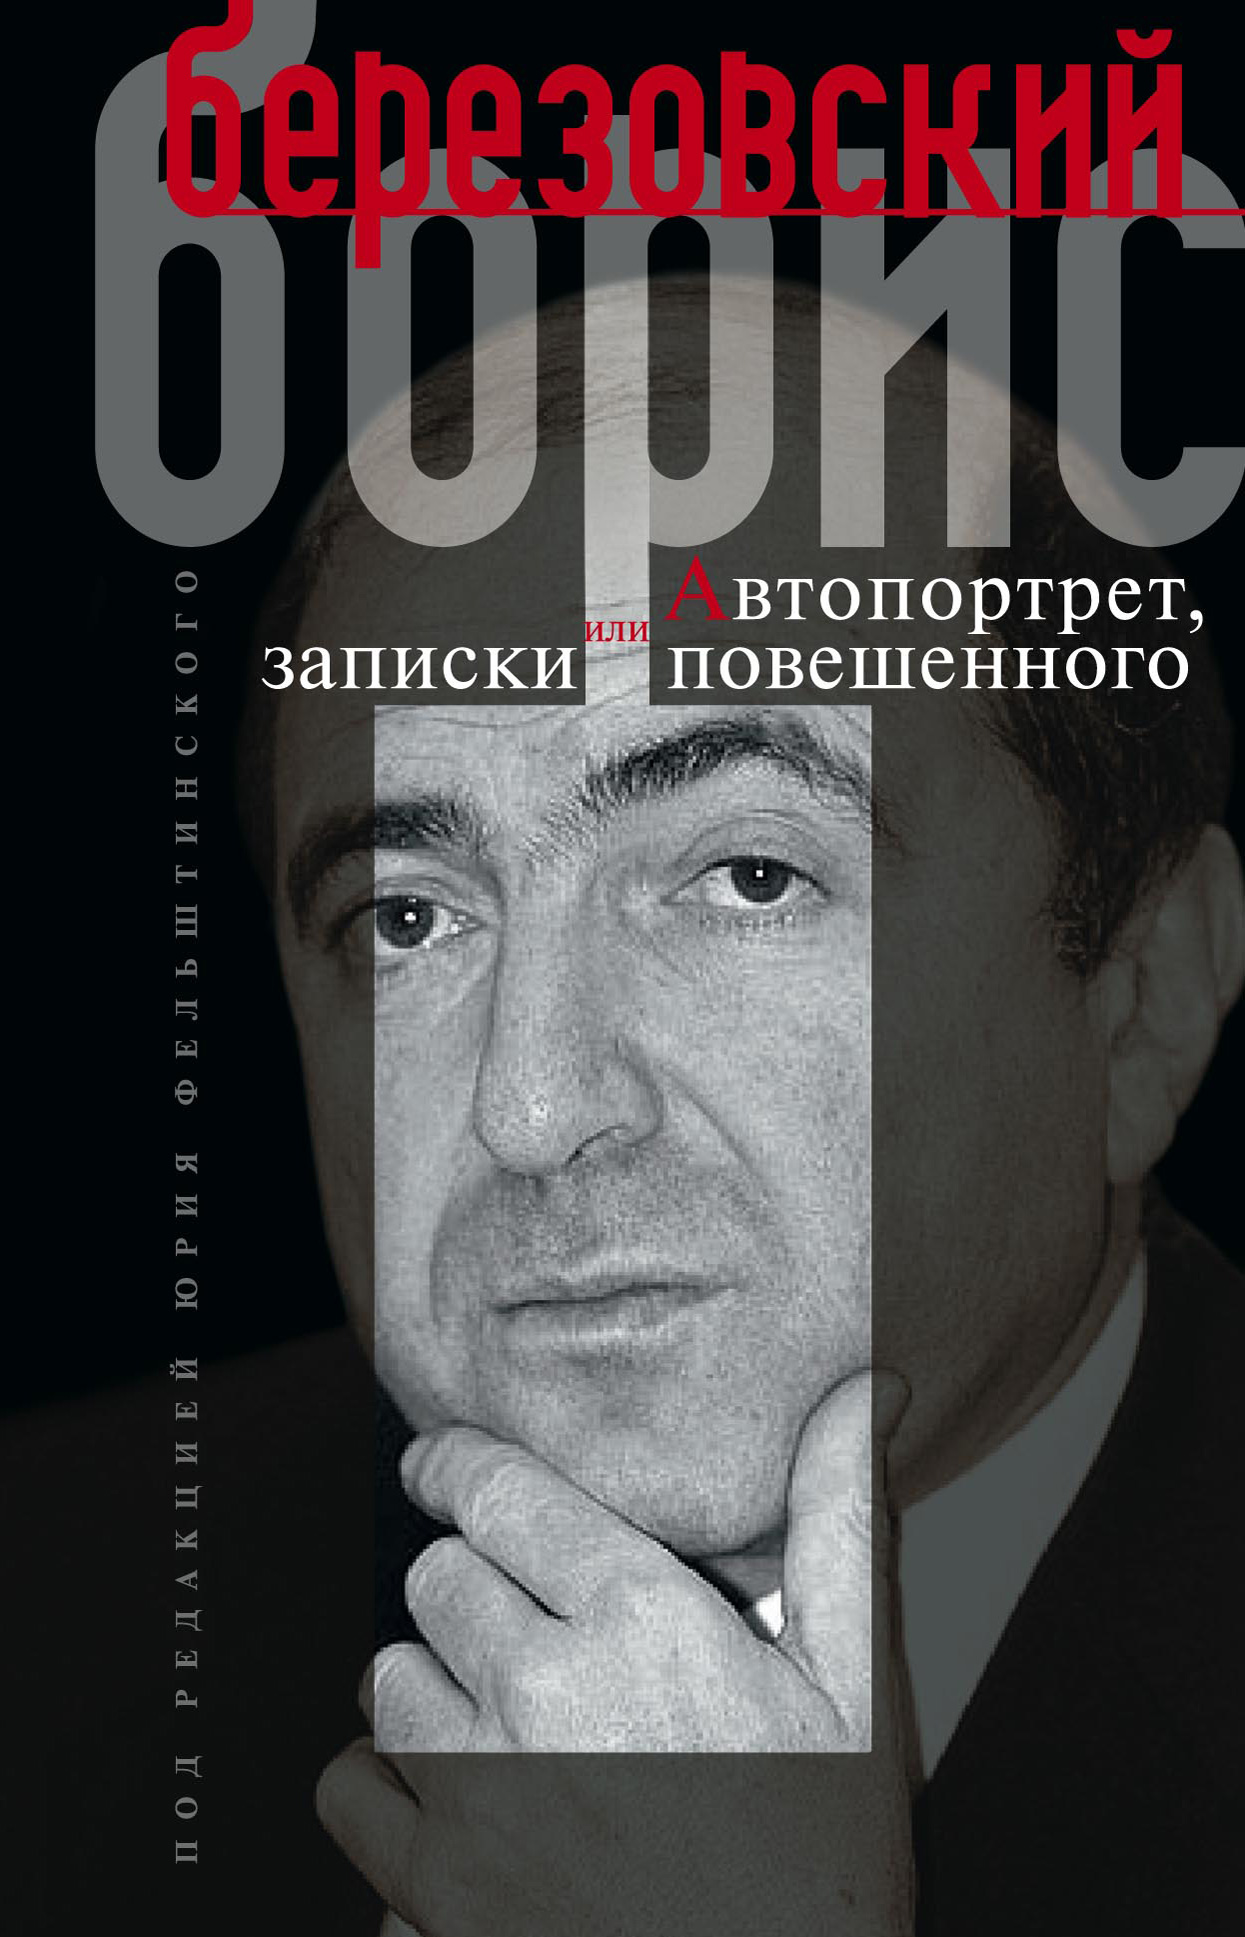 Борис Березовский «Автопортрет, или Записки повешенного»